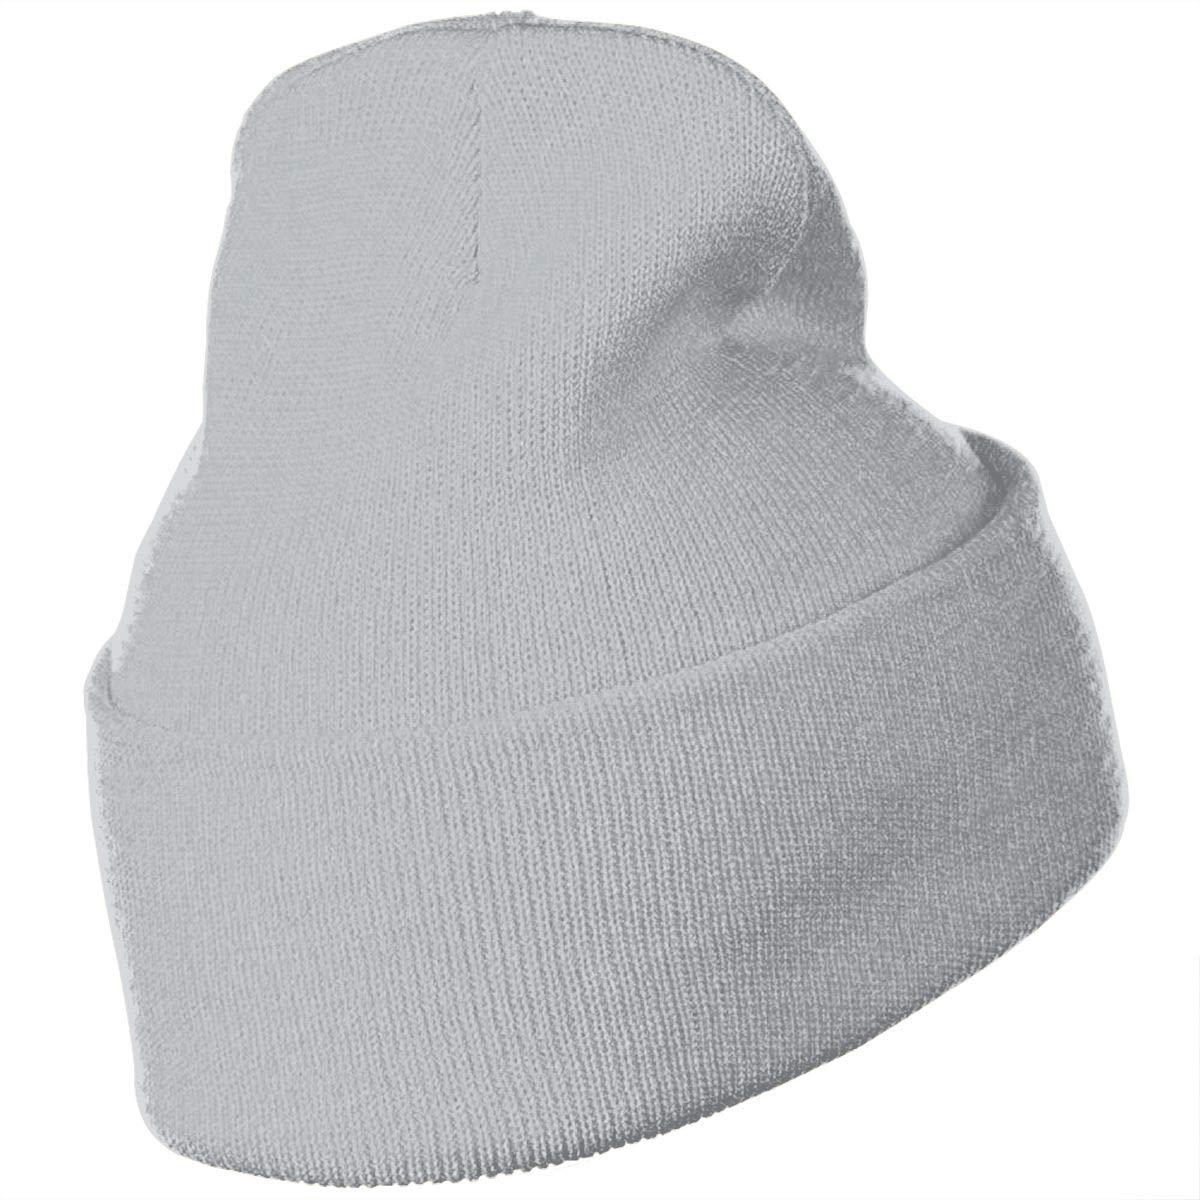 Poii Qon OYYBAFO6rqmIFuMMAAio6tFx6C4AABuCgPa 50ACKkC972.jpg Beanie Hats Wool Skull Cap